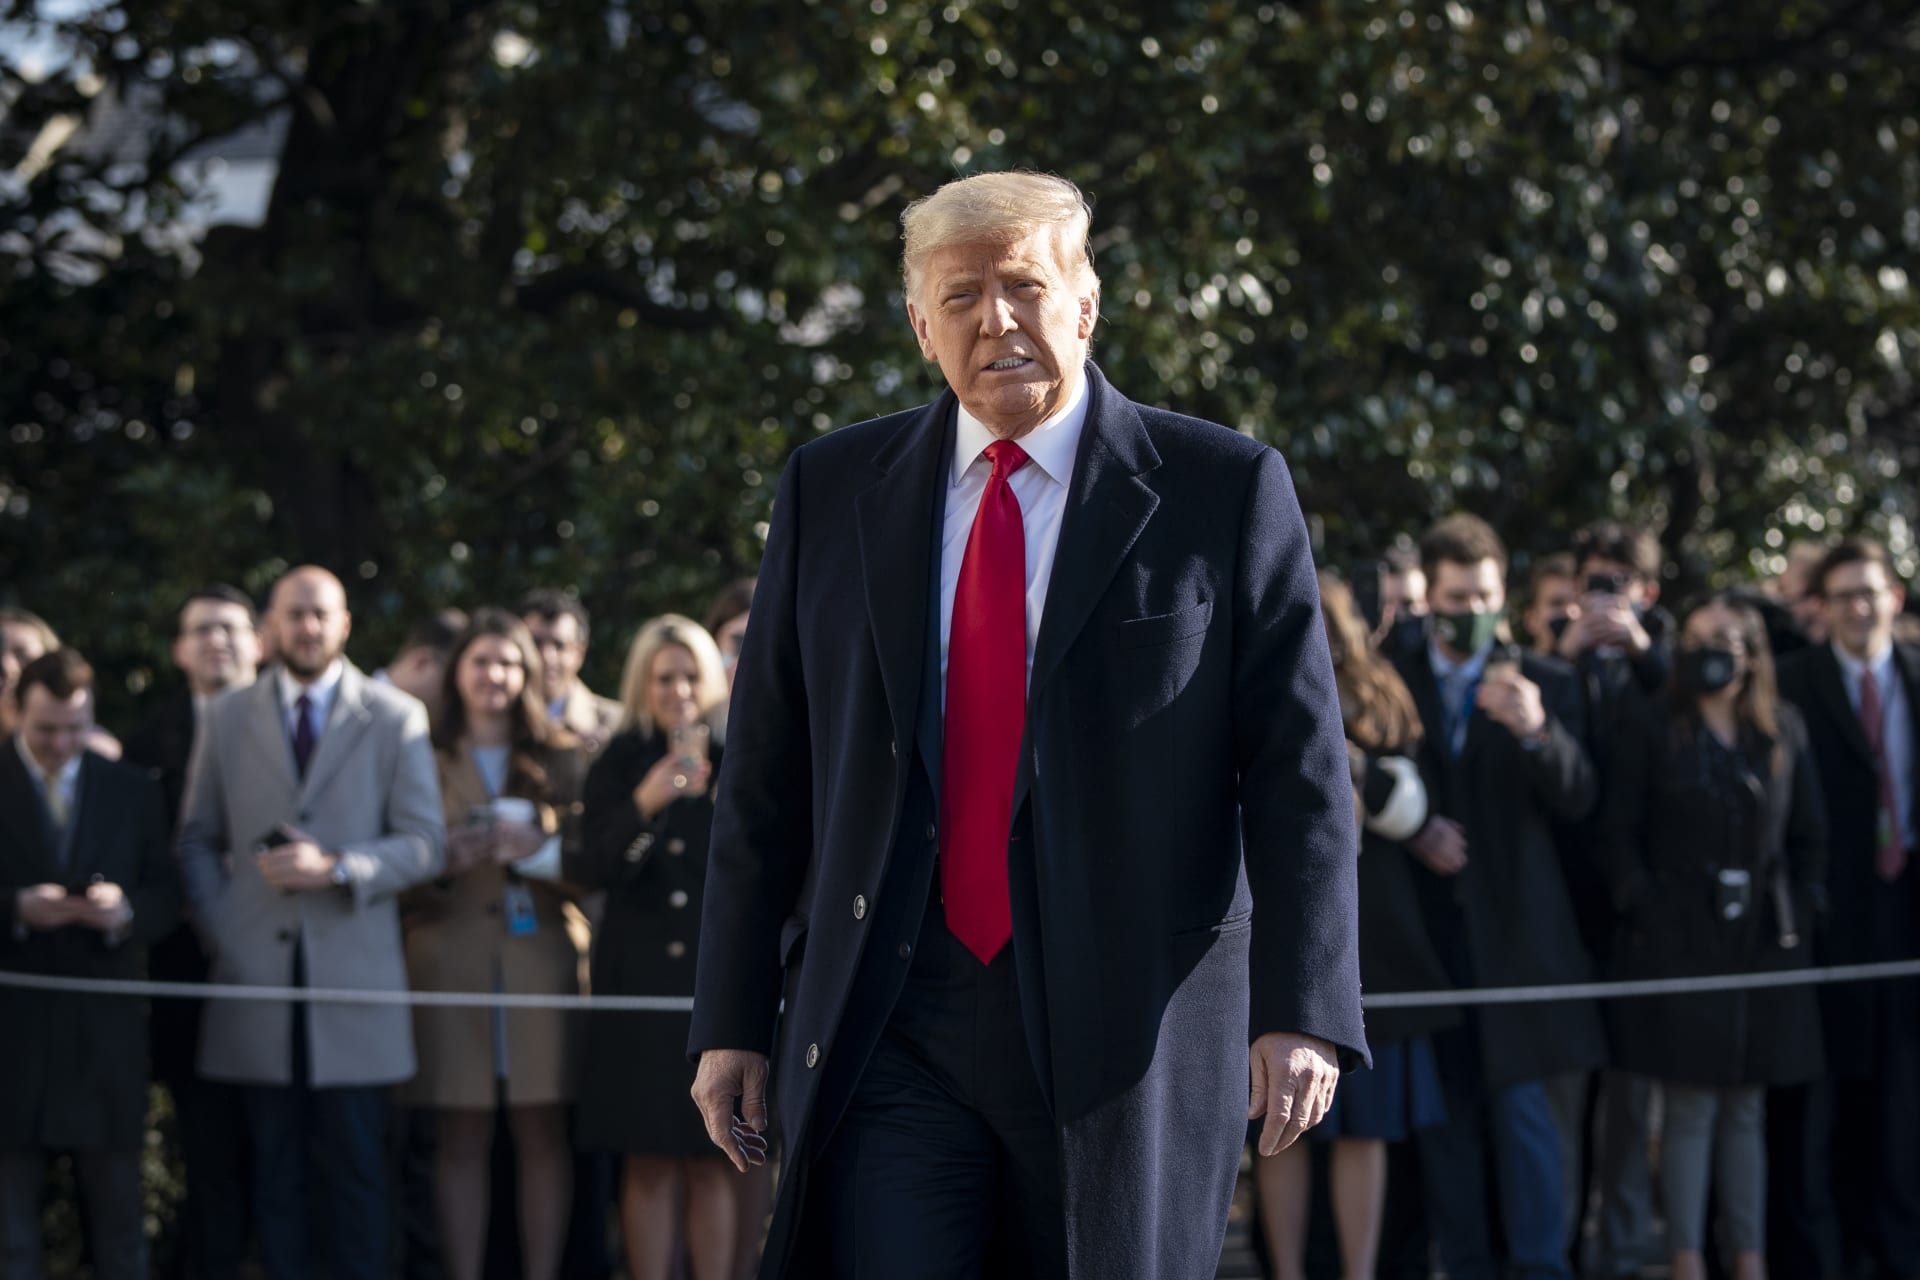 تويتر: حظر ترامب سيكون بشكل دائم حتى إذا ترشح للرئاسة مجدداً